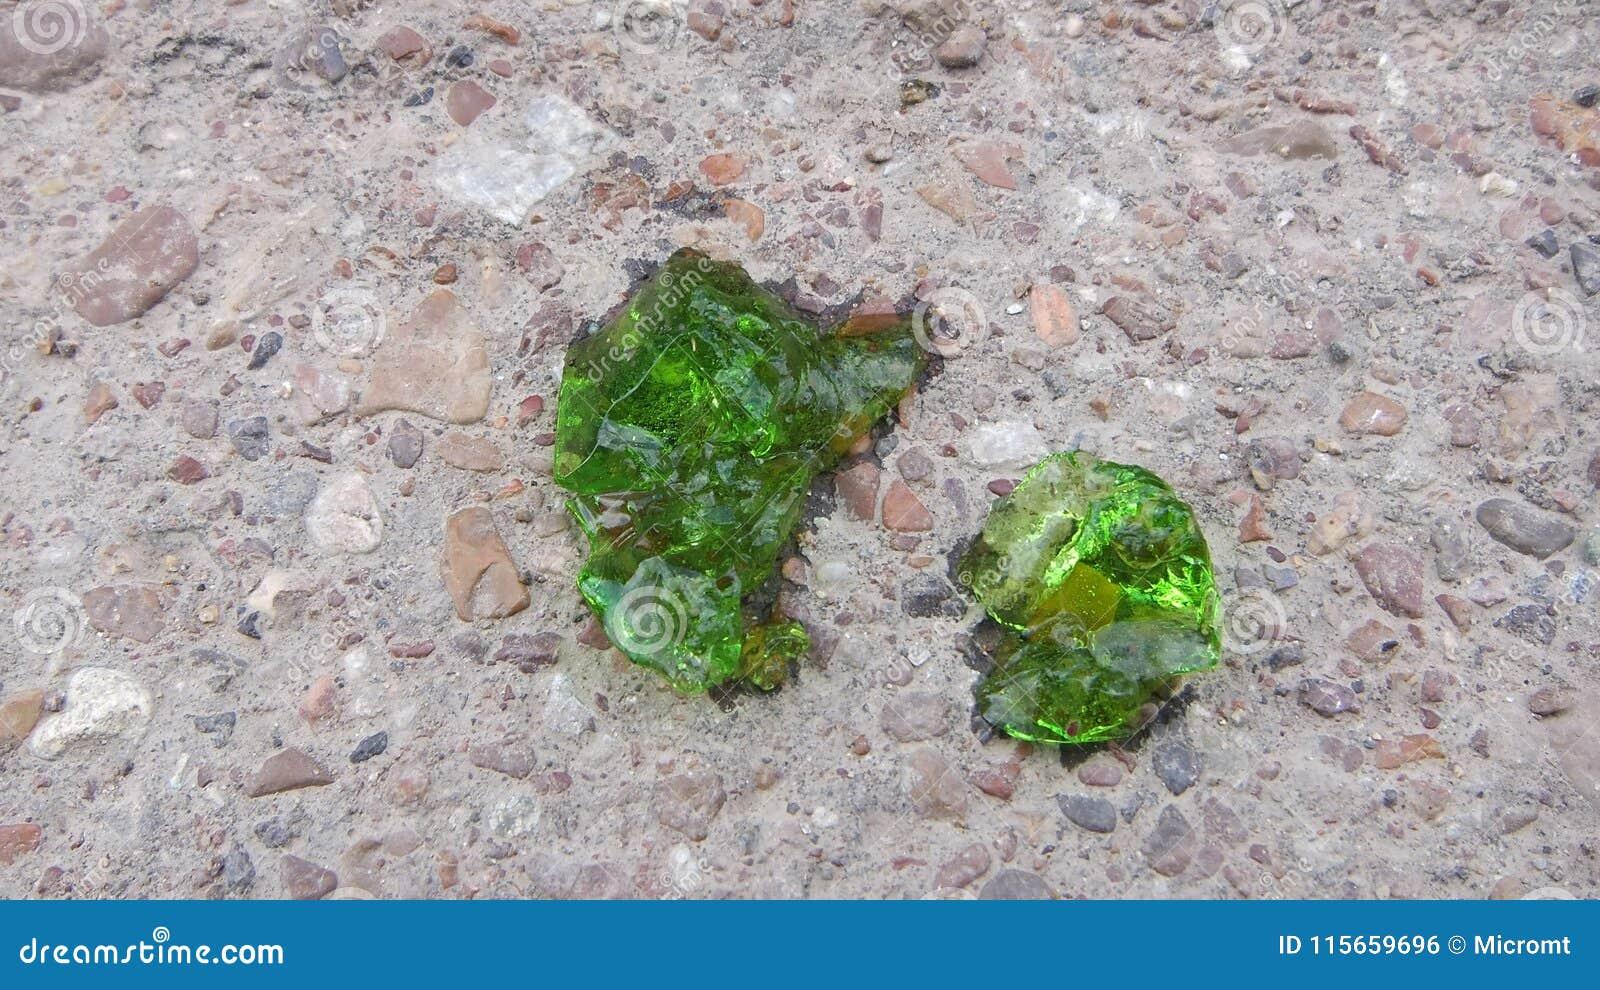 Sluit omhoog groen beeld over kristalprotoplasma met smaragdgroene kleur op de achtergrond van zand en grint, kristallisatie vree